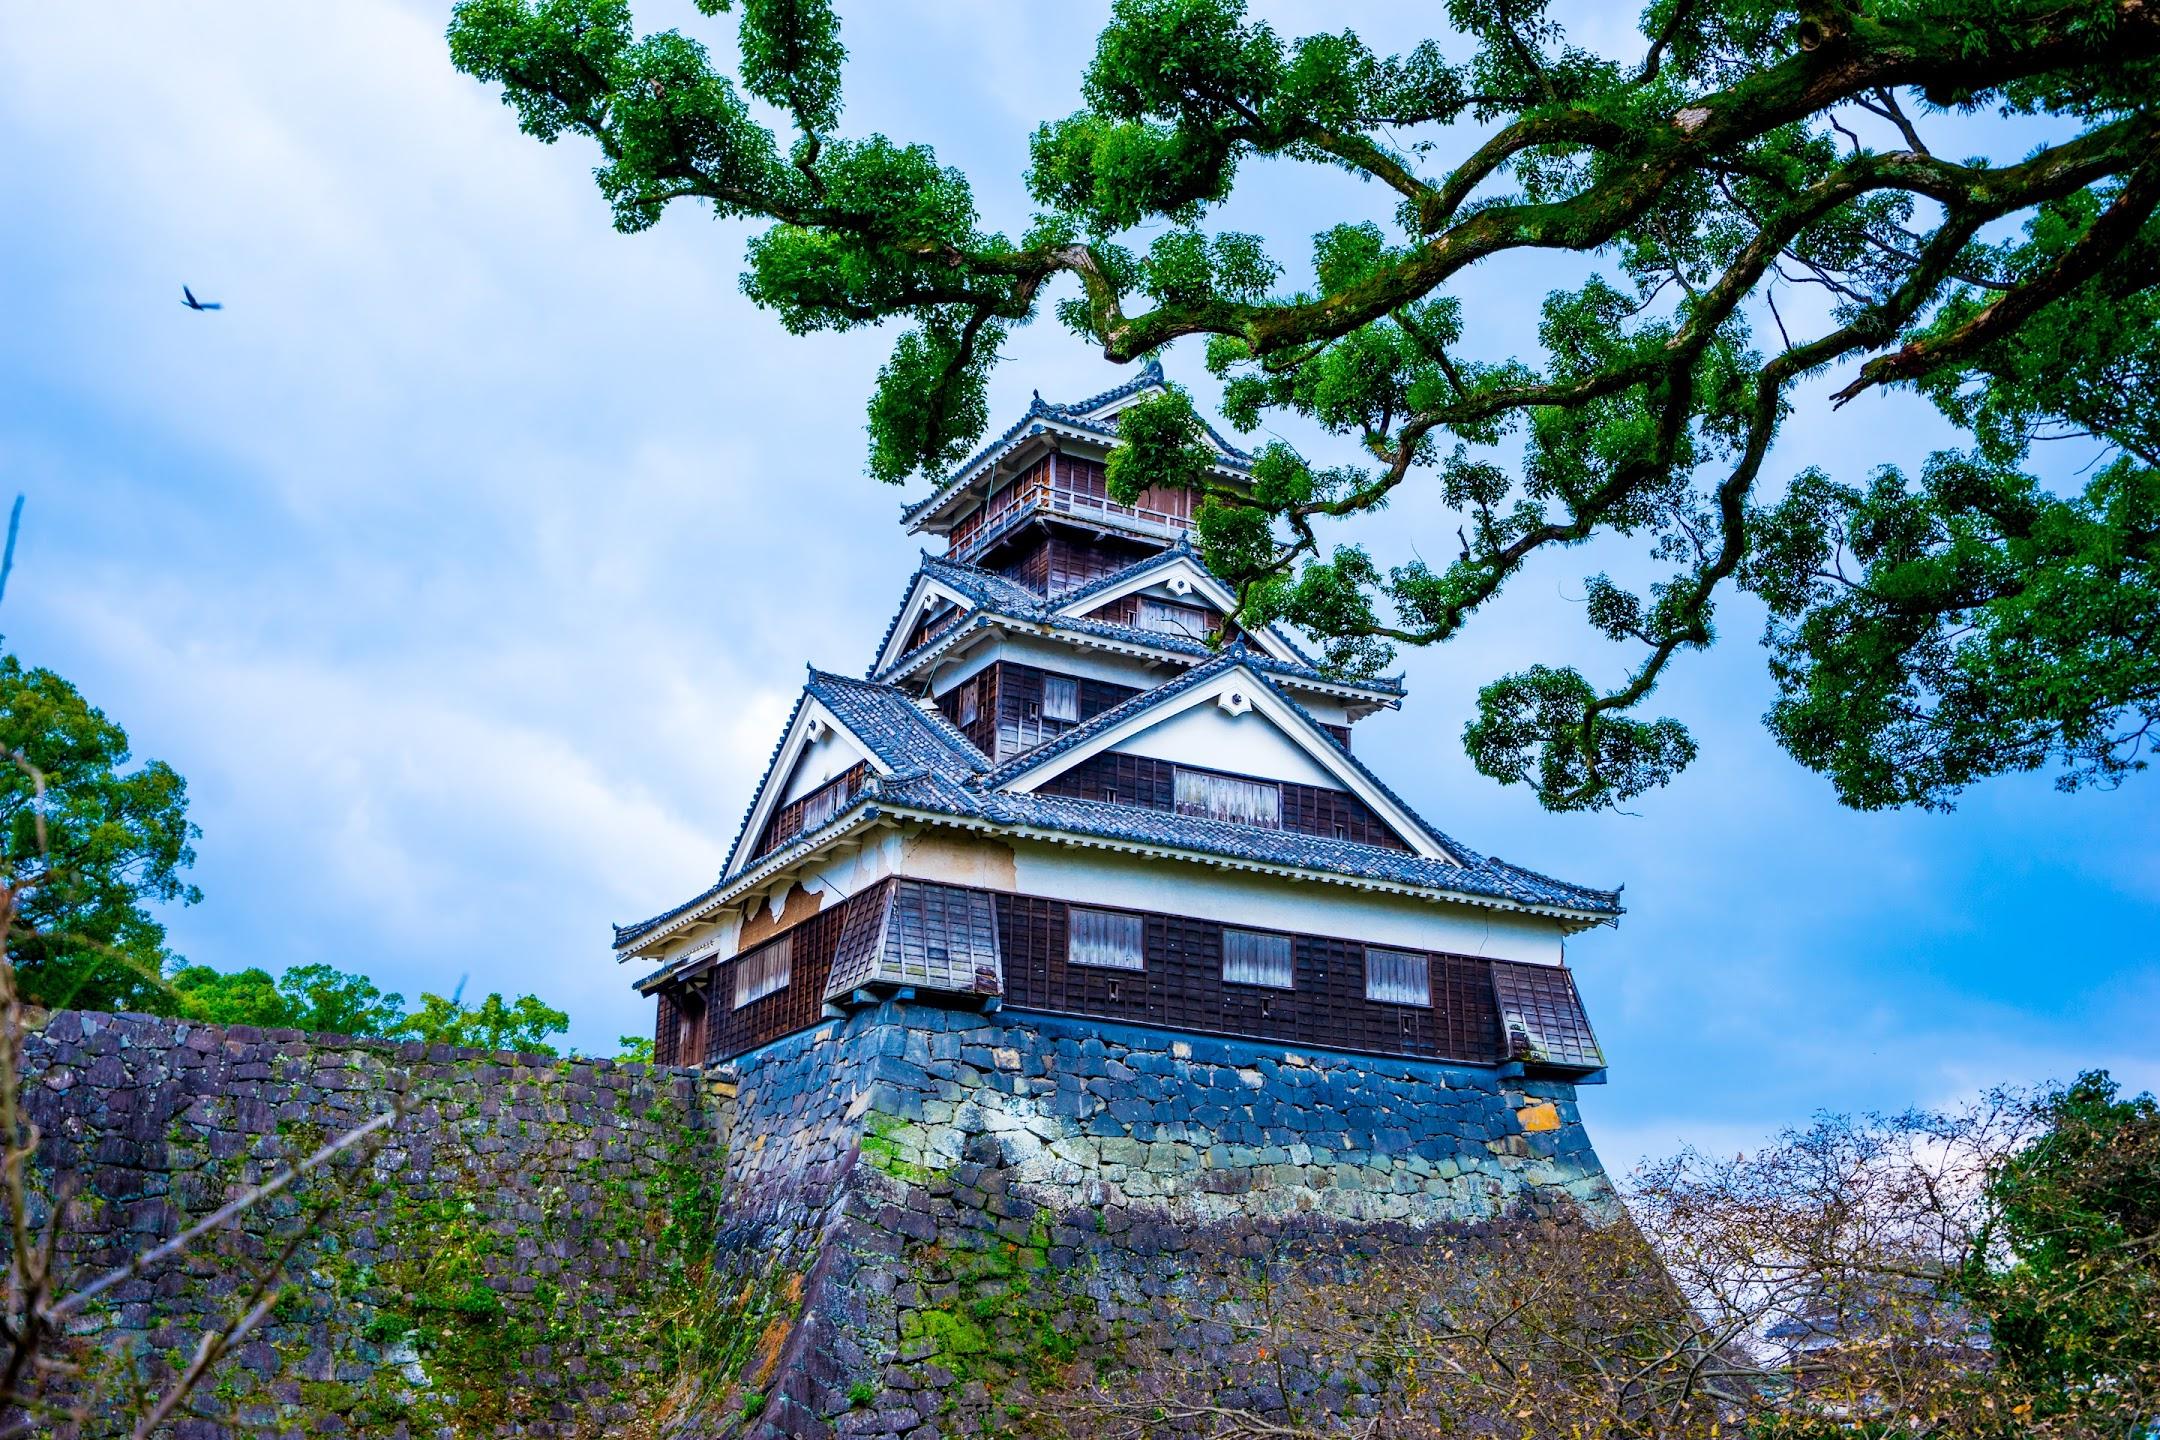 熊本城 加藤神社 宇土櫓